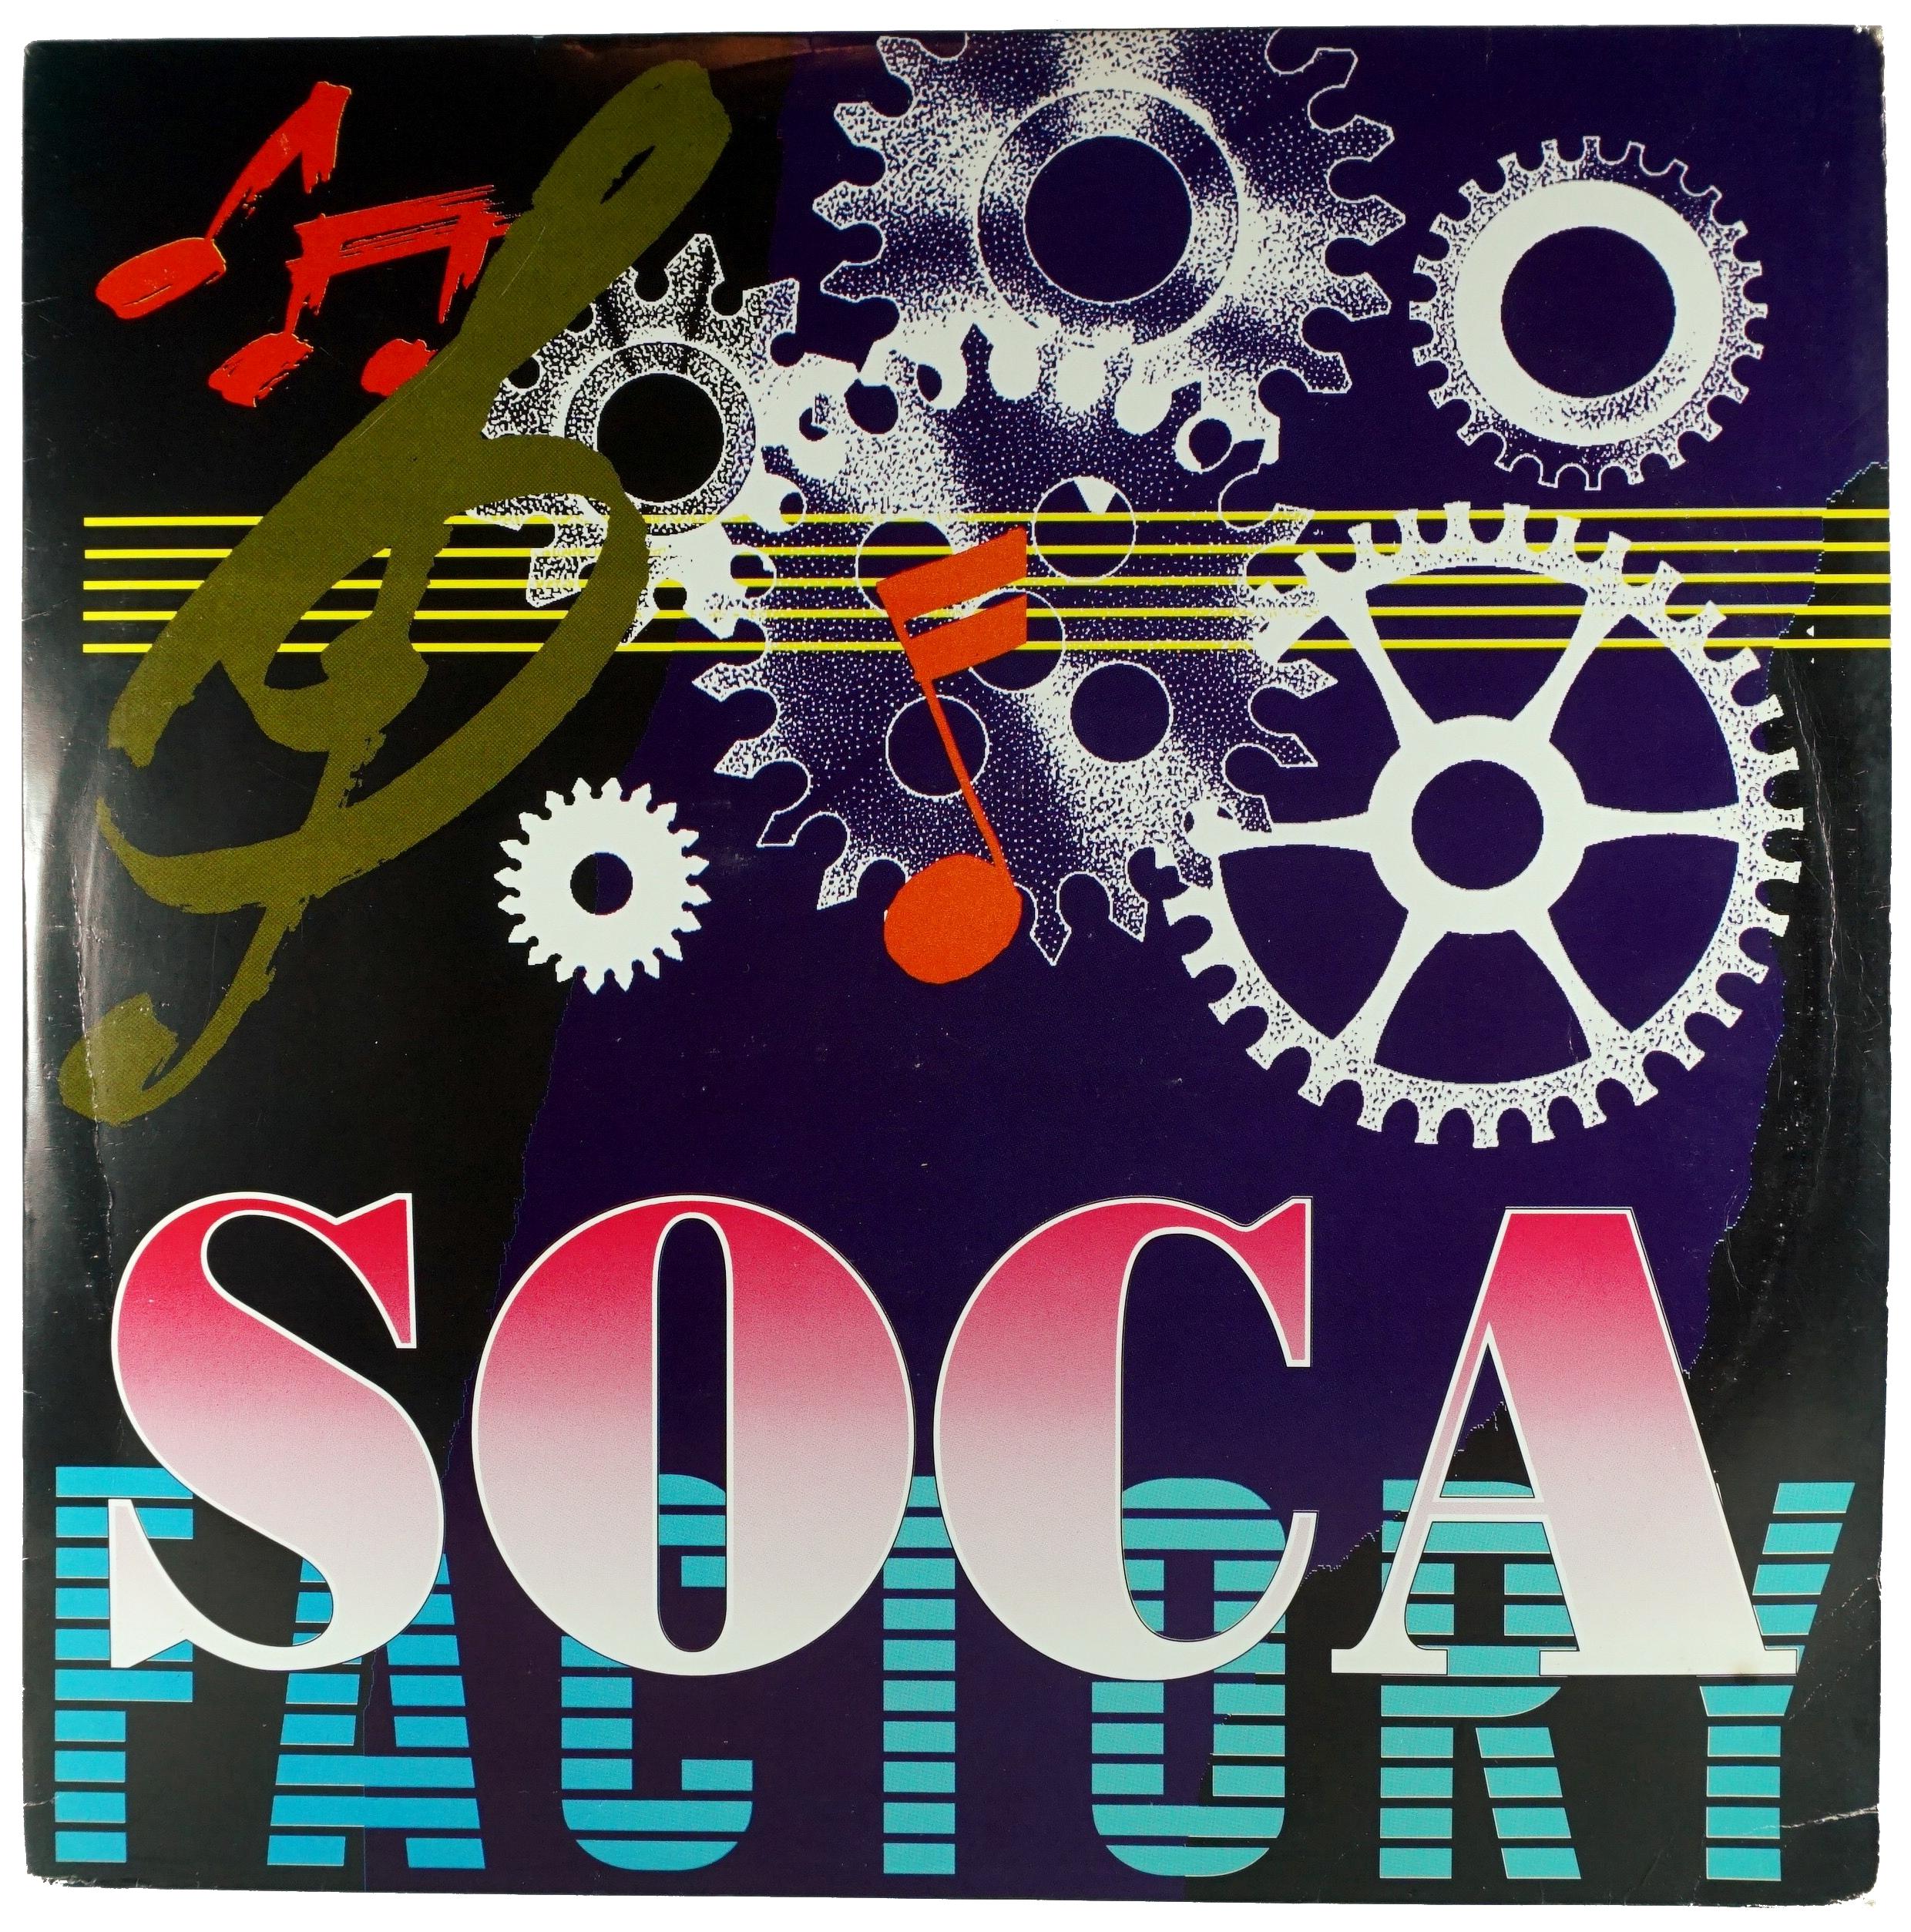 WLWLTDOO-1993-LP-SOCA_FACTORY-FRONT-KR1038.jpg